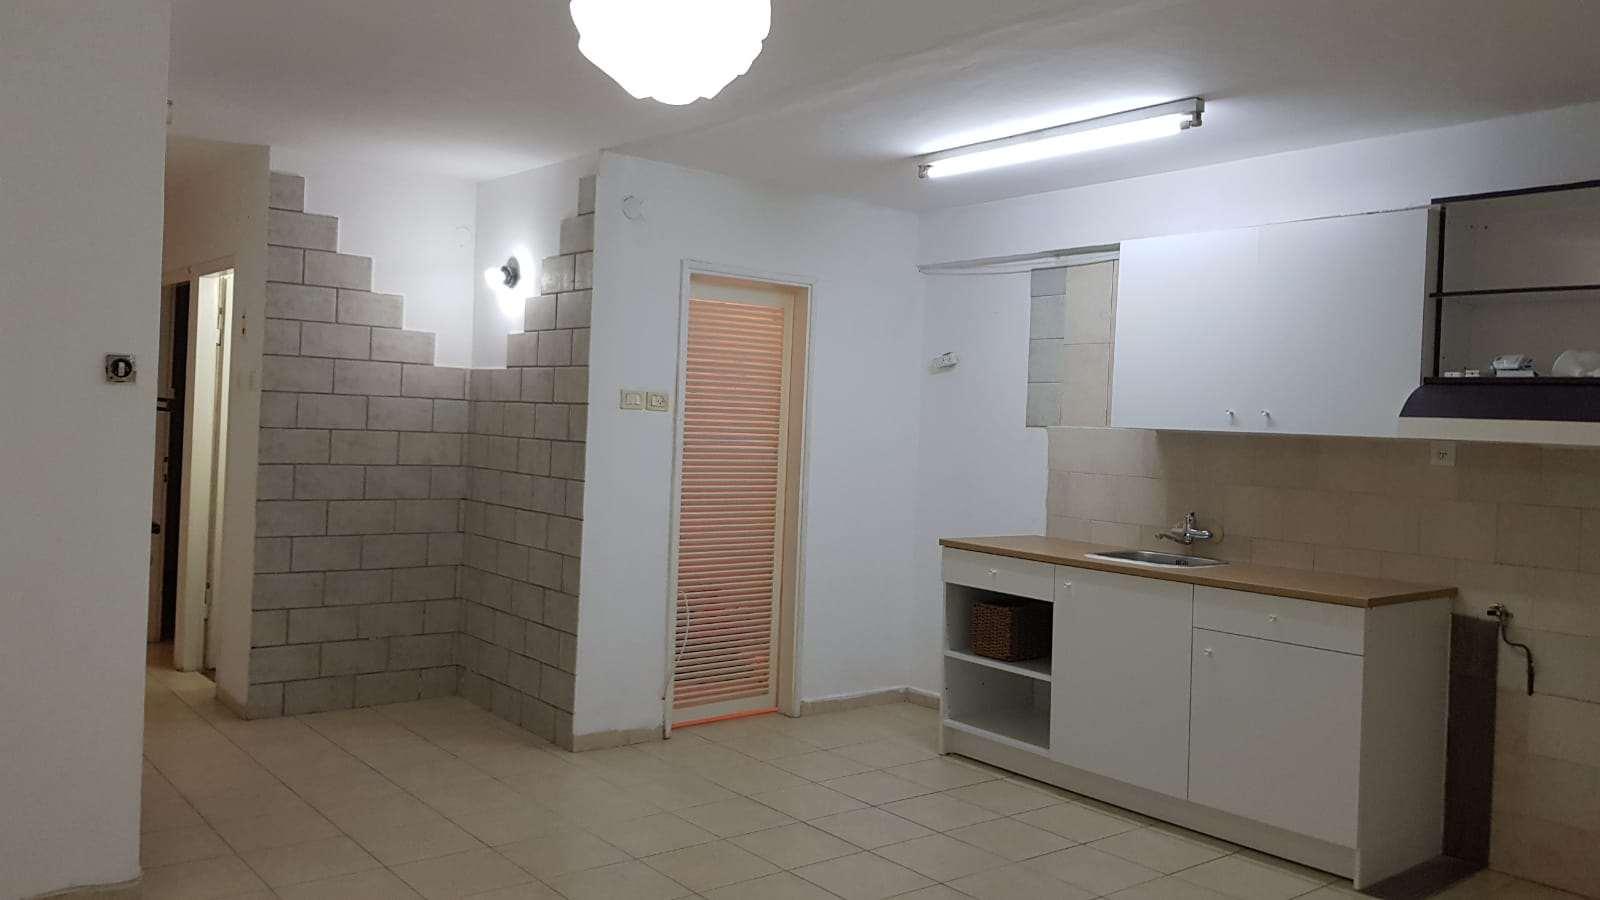 דירה להשכרה 3 חדרים בחיפה אבא הלל סילבר